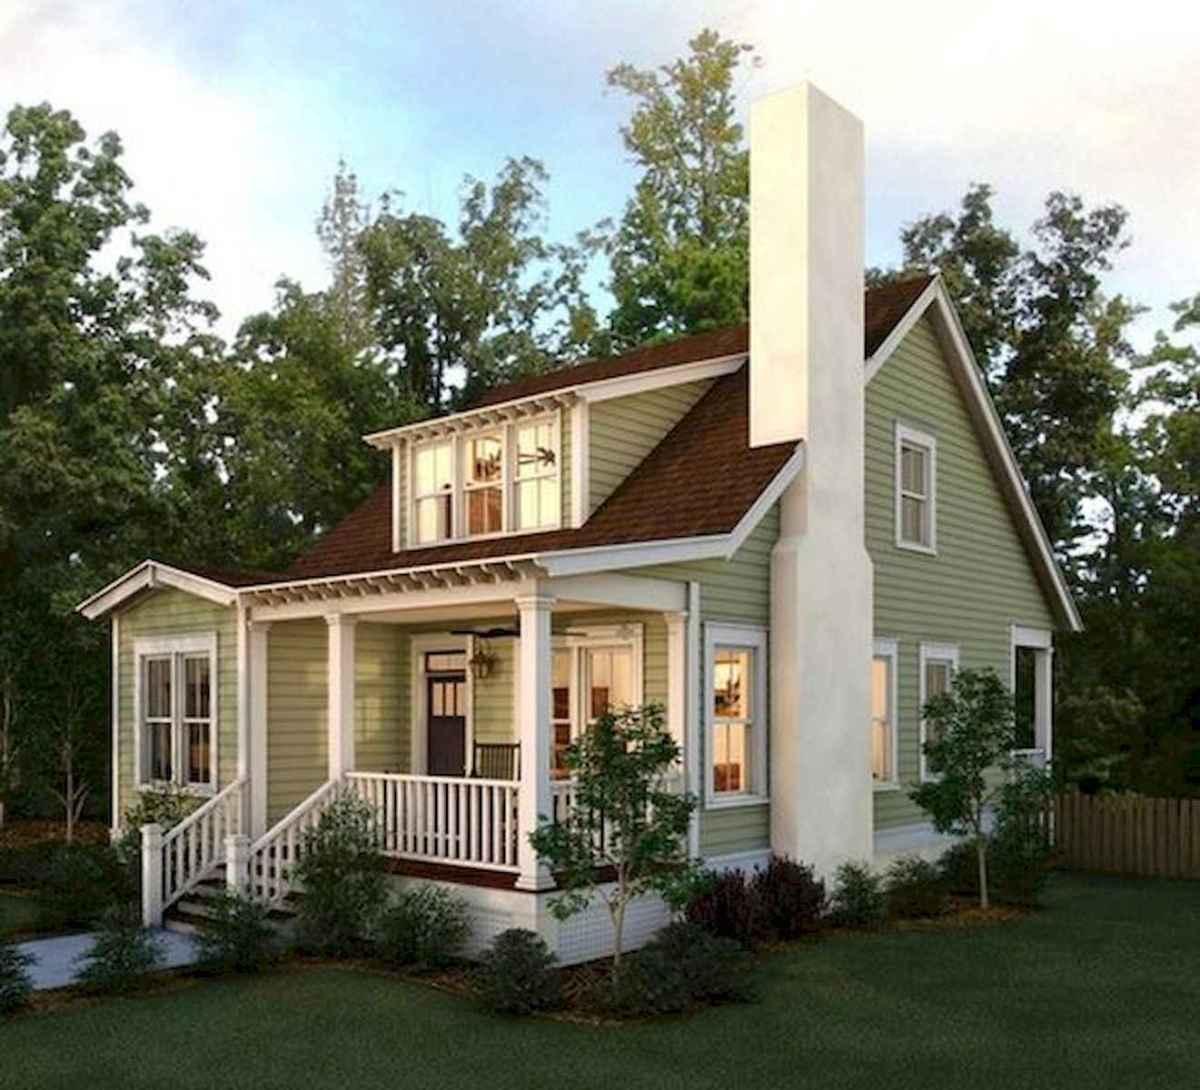 40 Best Bungalow Homes Design Ideas (40)